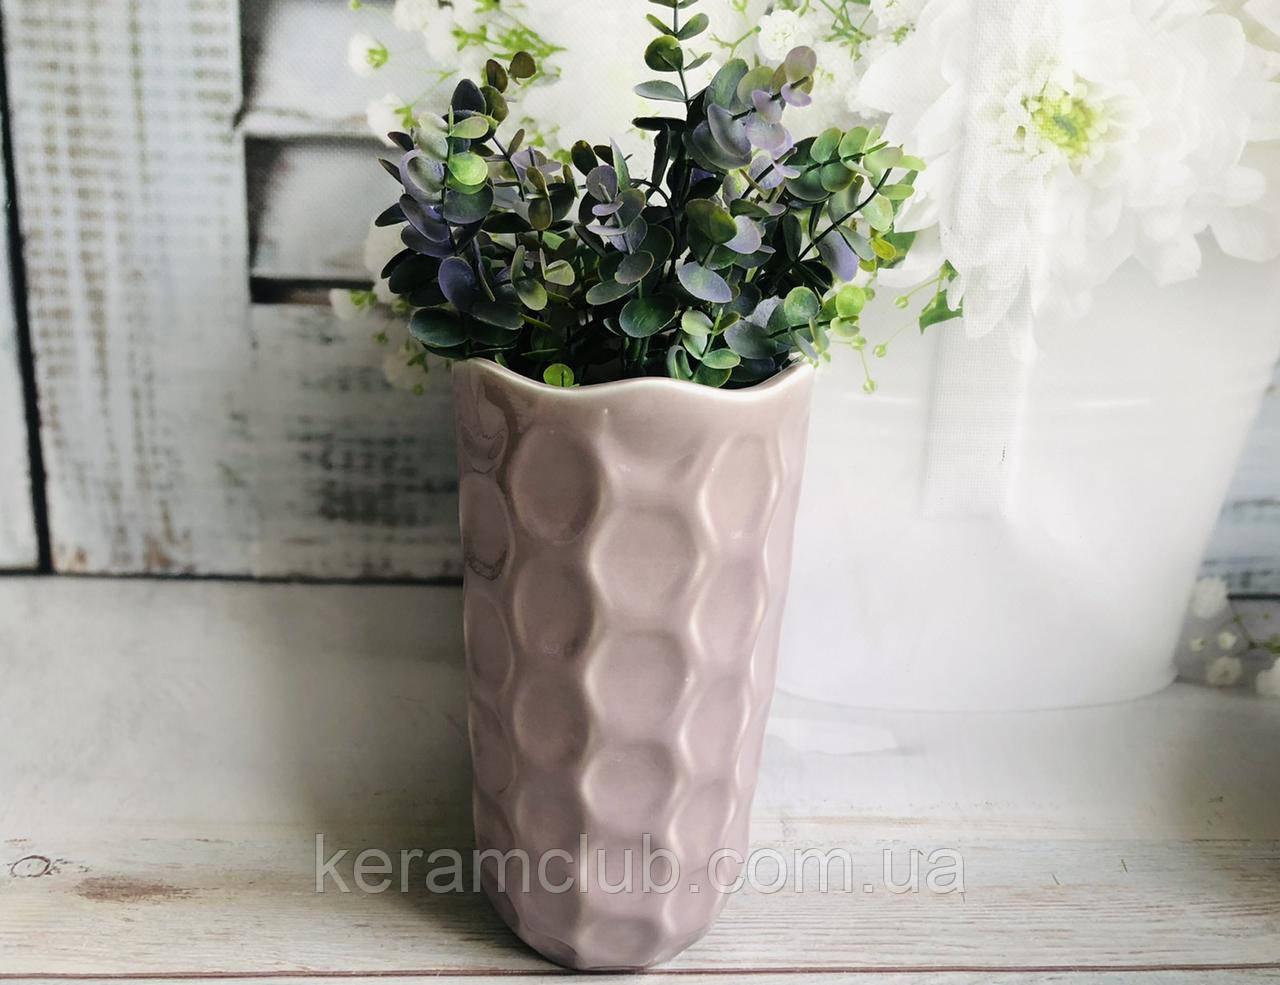 Настольная ваза КерамКлуб Венера в сиреневый цвете h 26 см